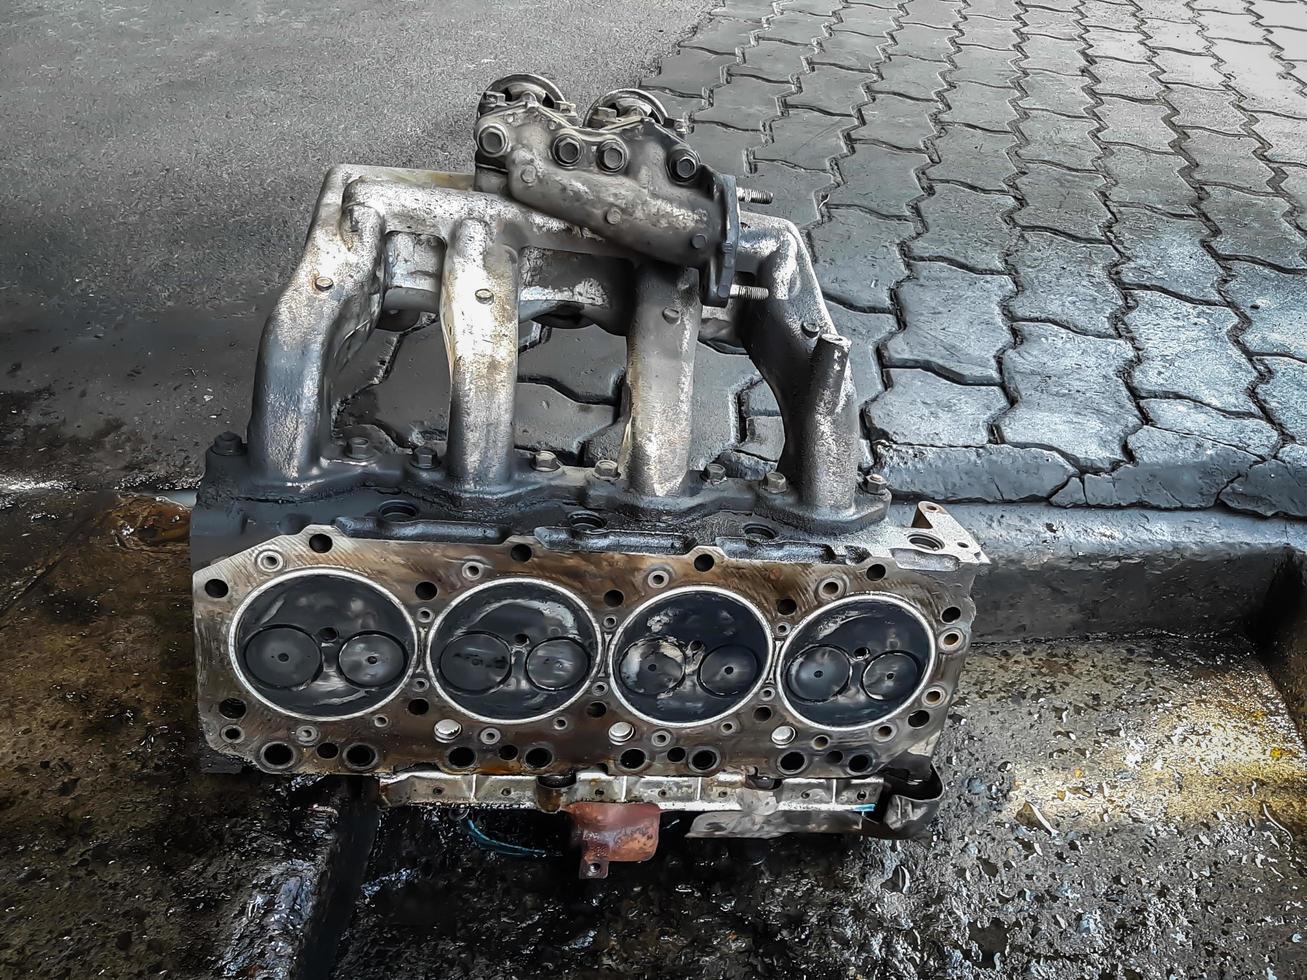 cylinderblocket på den fyrcylindriga motorn. demonterat motorfordon för reparation. foto